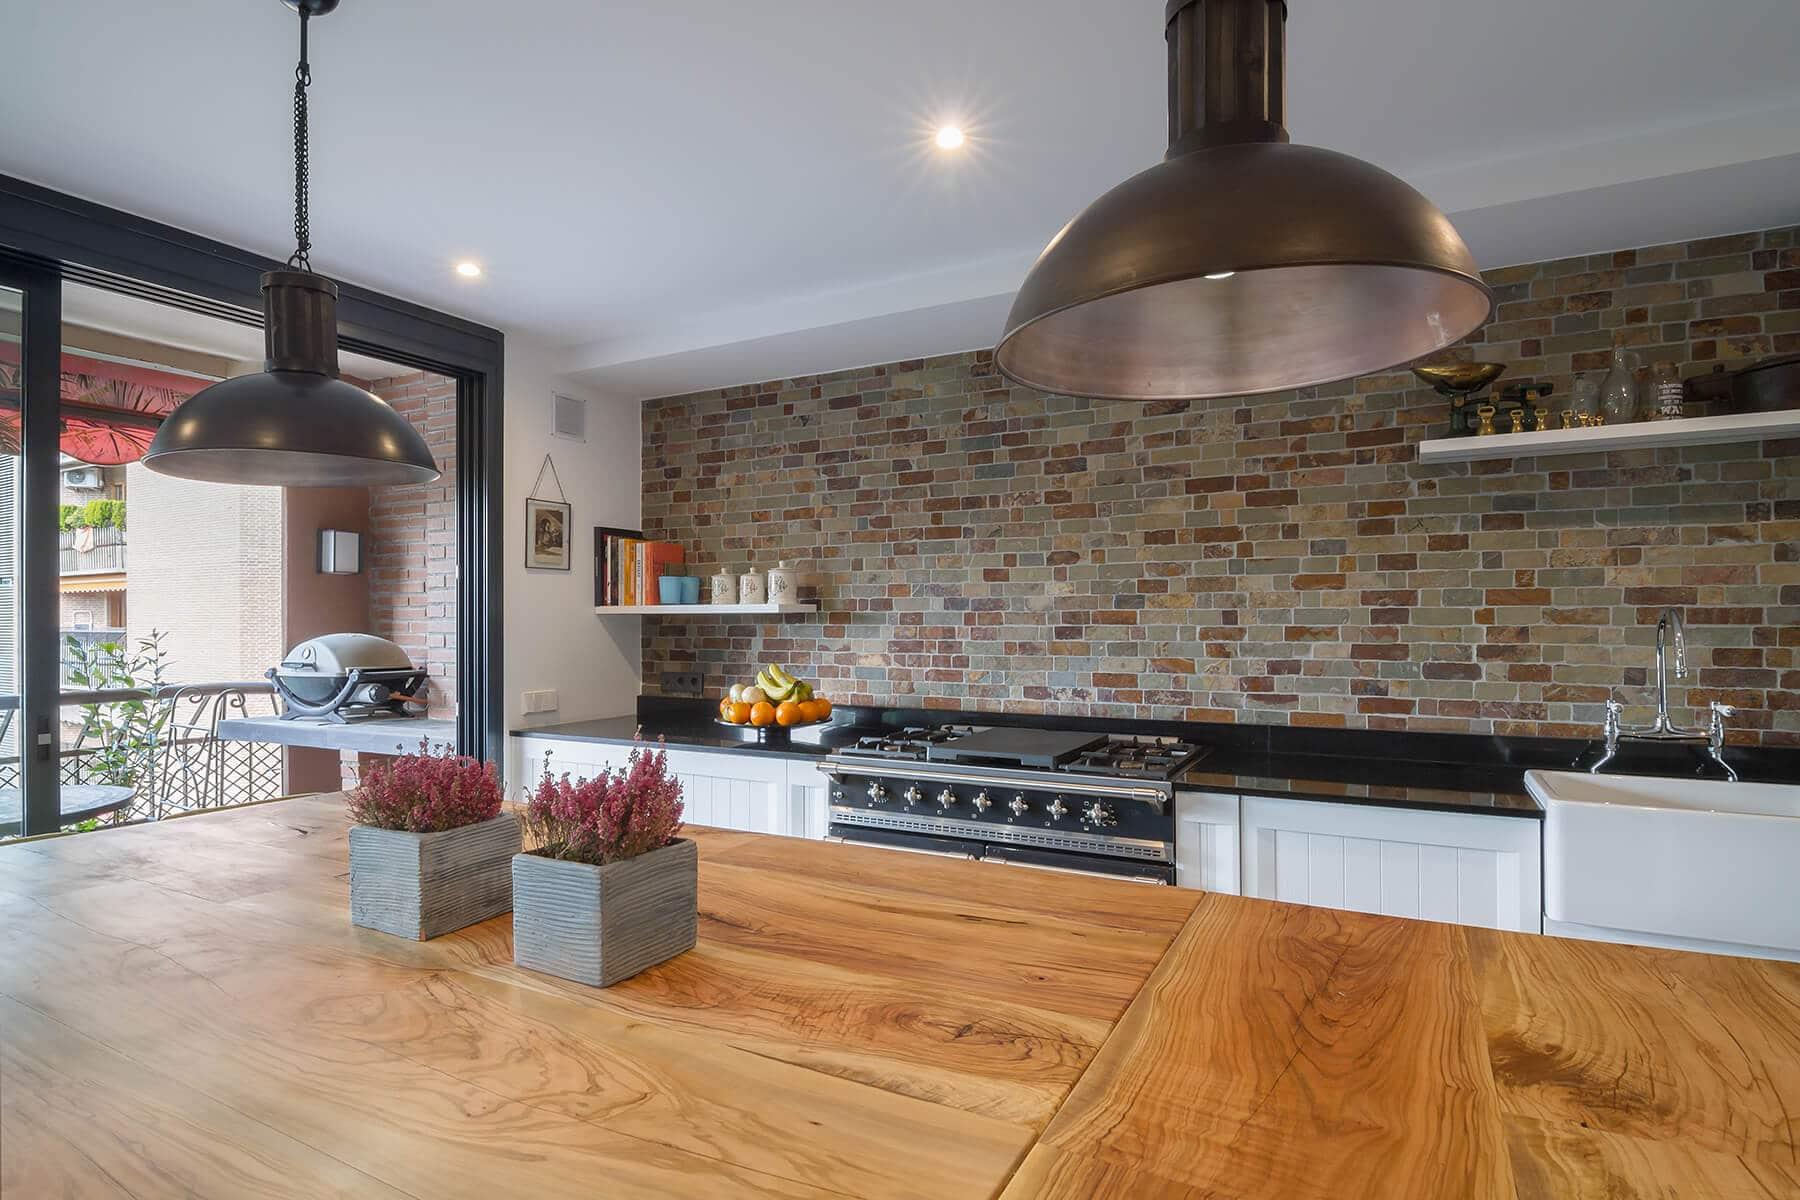 Cocina con isla encimera de madera - cocinas madrid